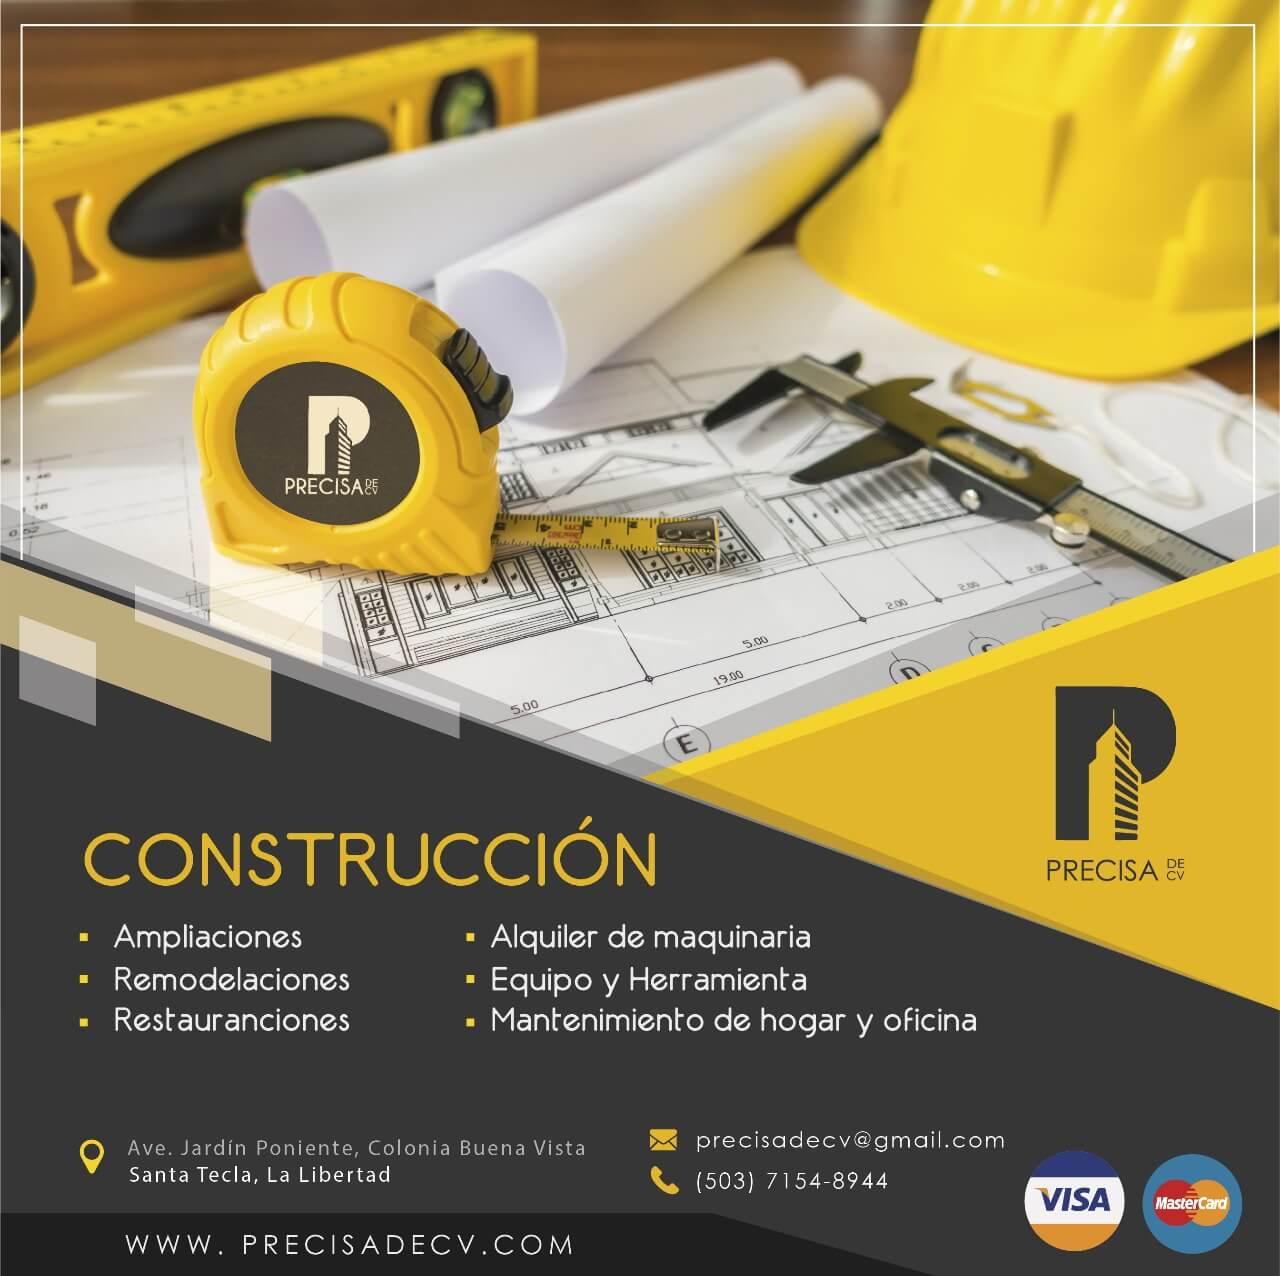 Precisadecv. Servicios de construcción.